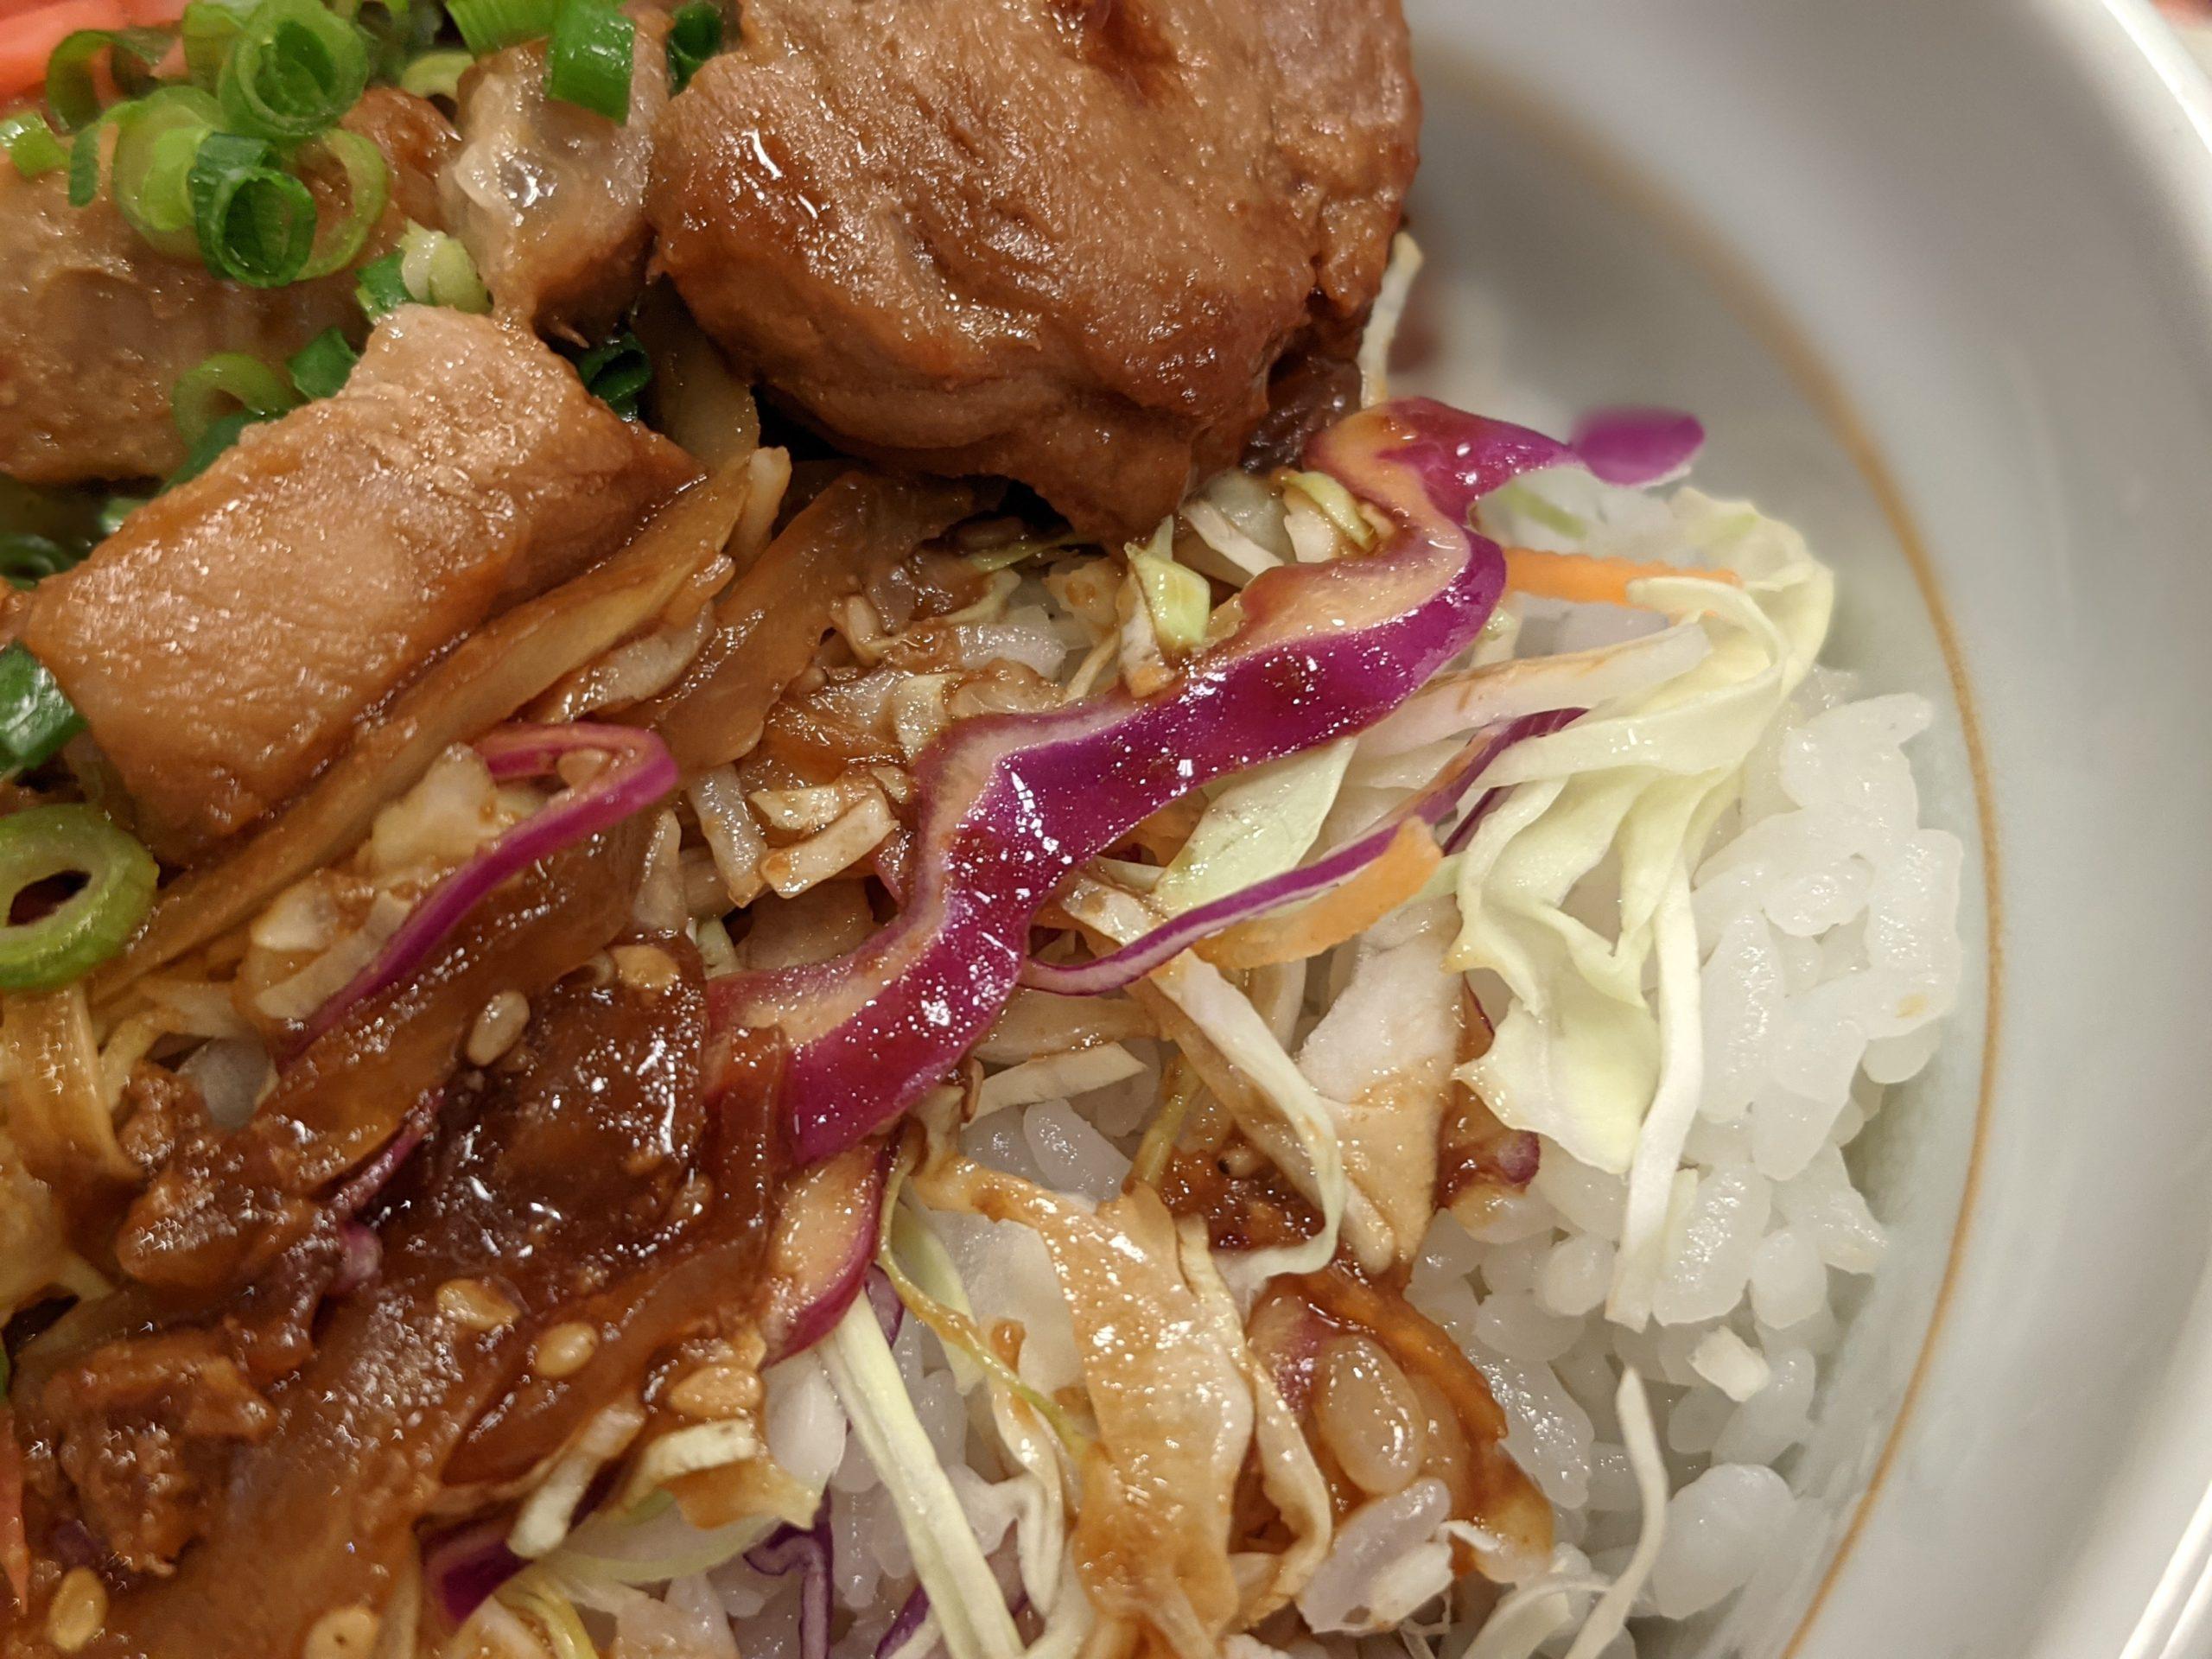 トンテキ丼のご飯とキャベツ なか卯